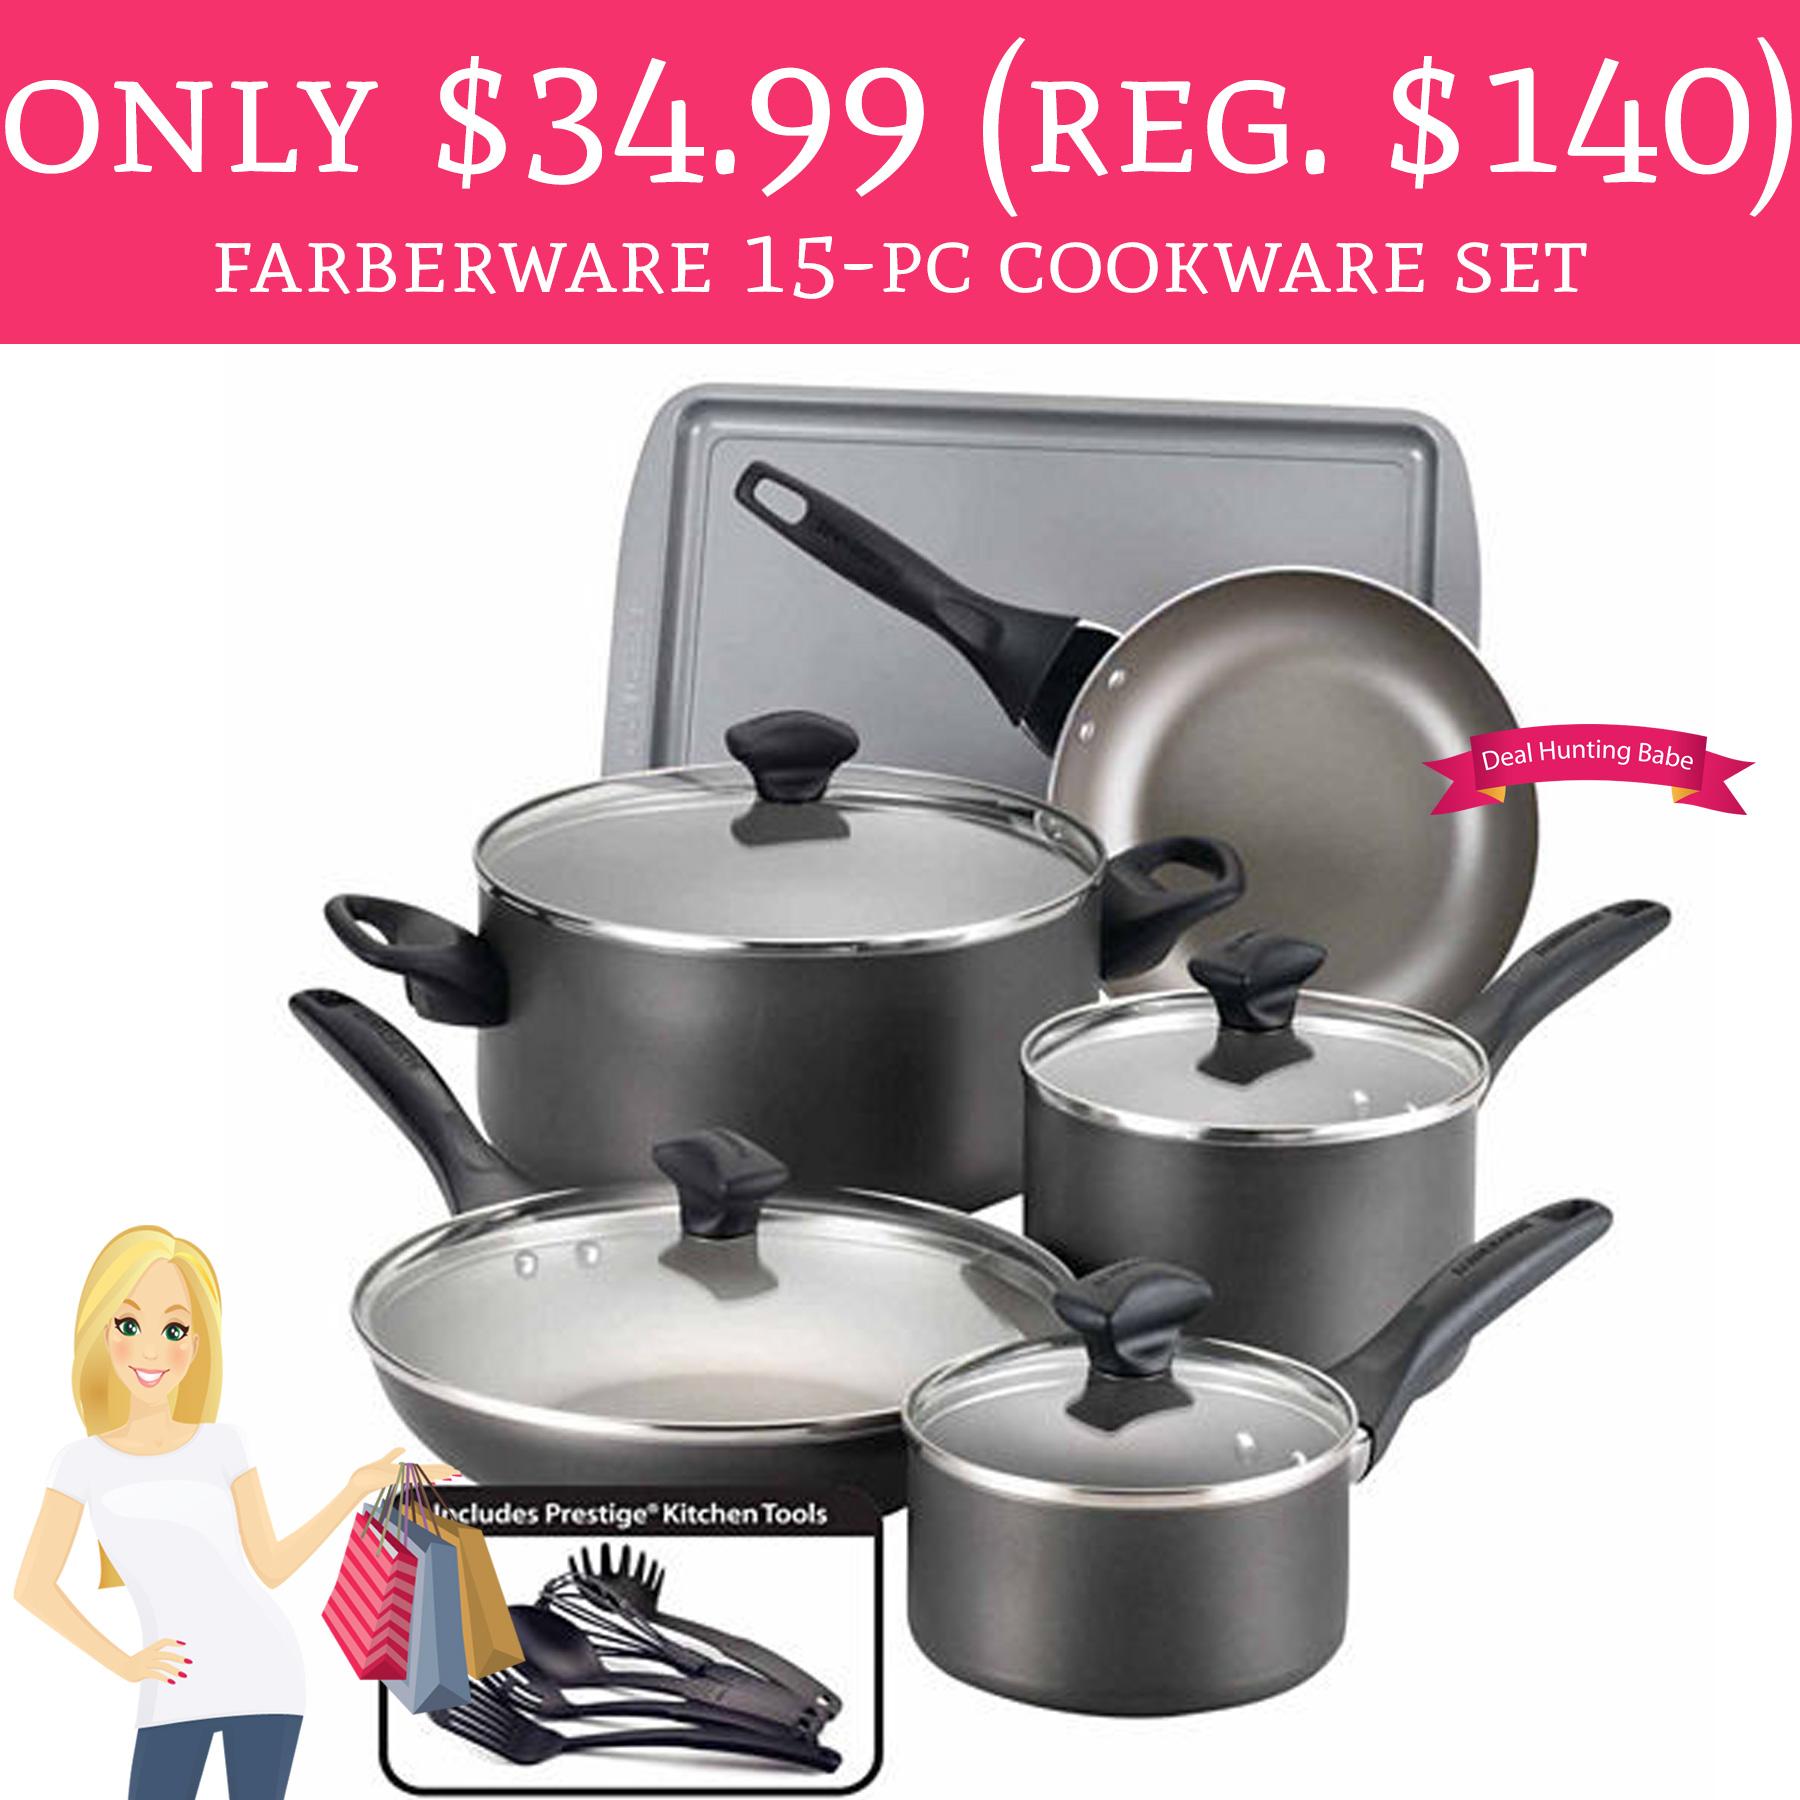 Only $34.99 (Regular $140) Farberware 15-pc. Cookware Set ...